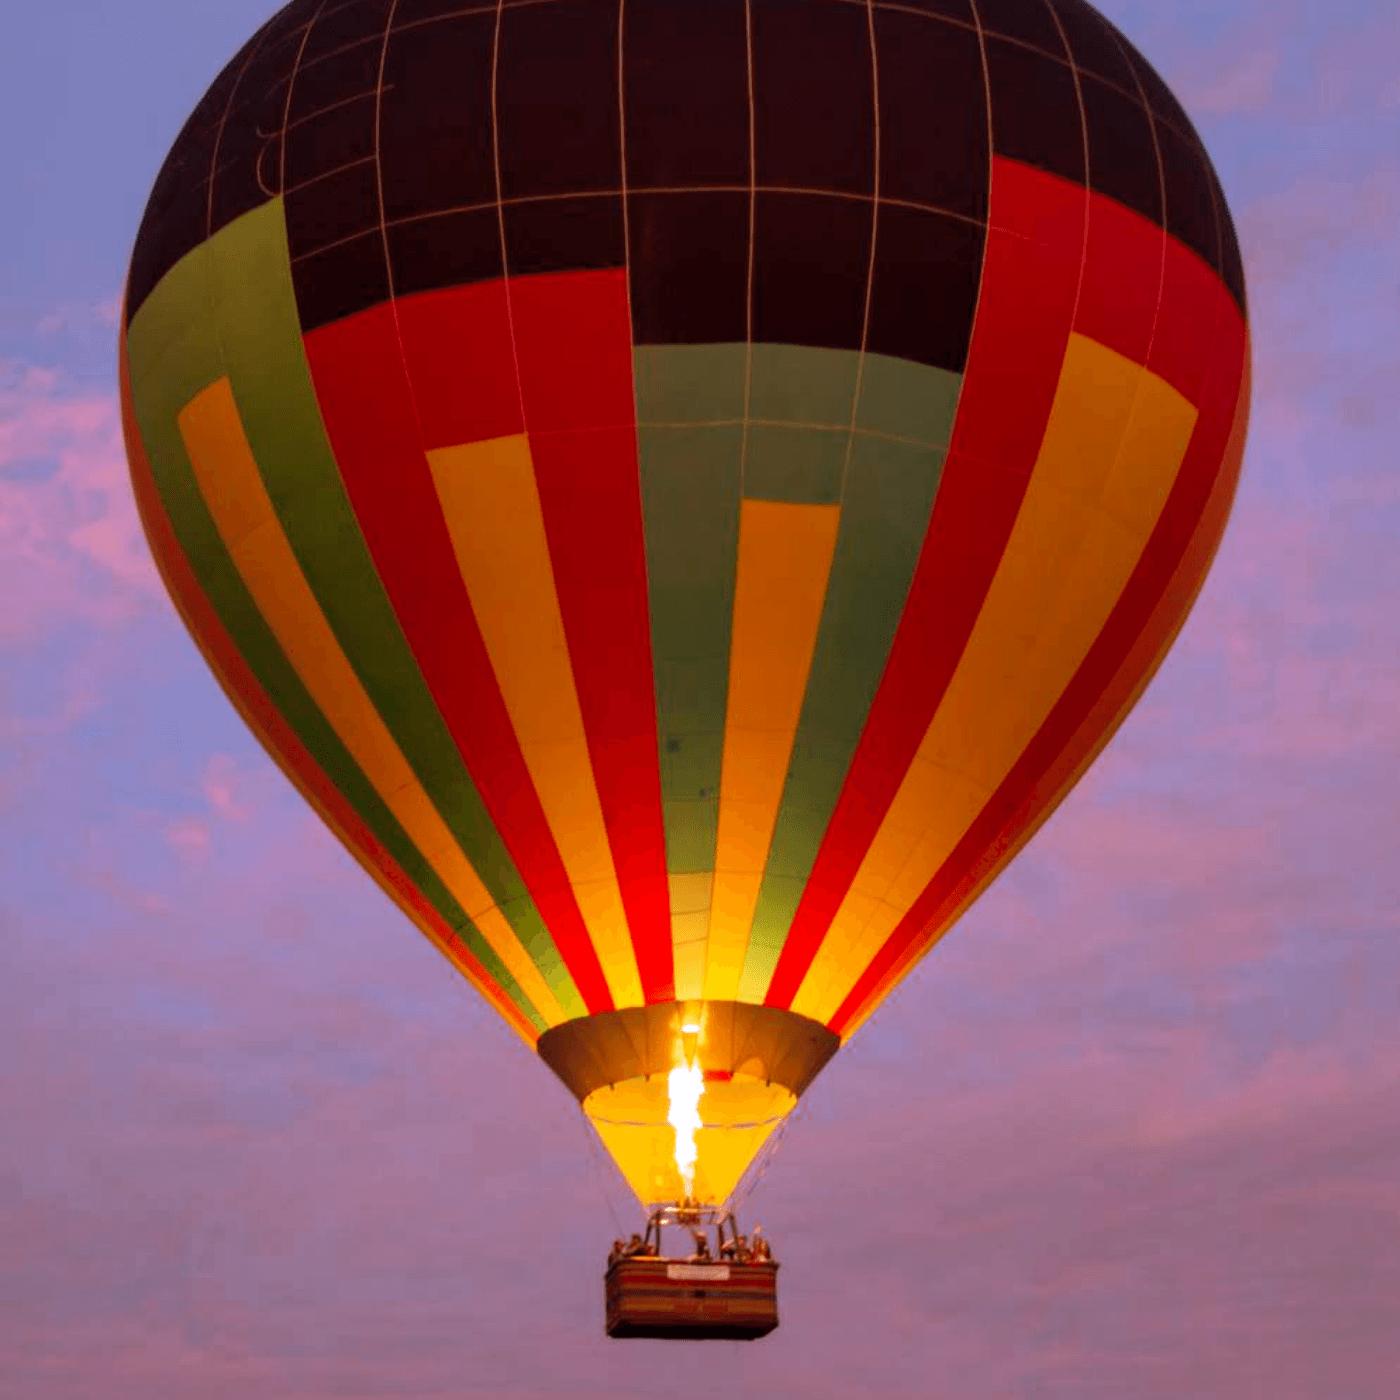 Passeio de Balão para 4 pessoas com Hospedagem em Boituva-SP